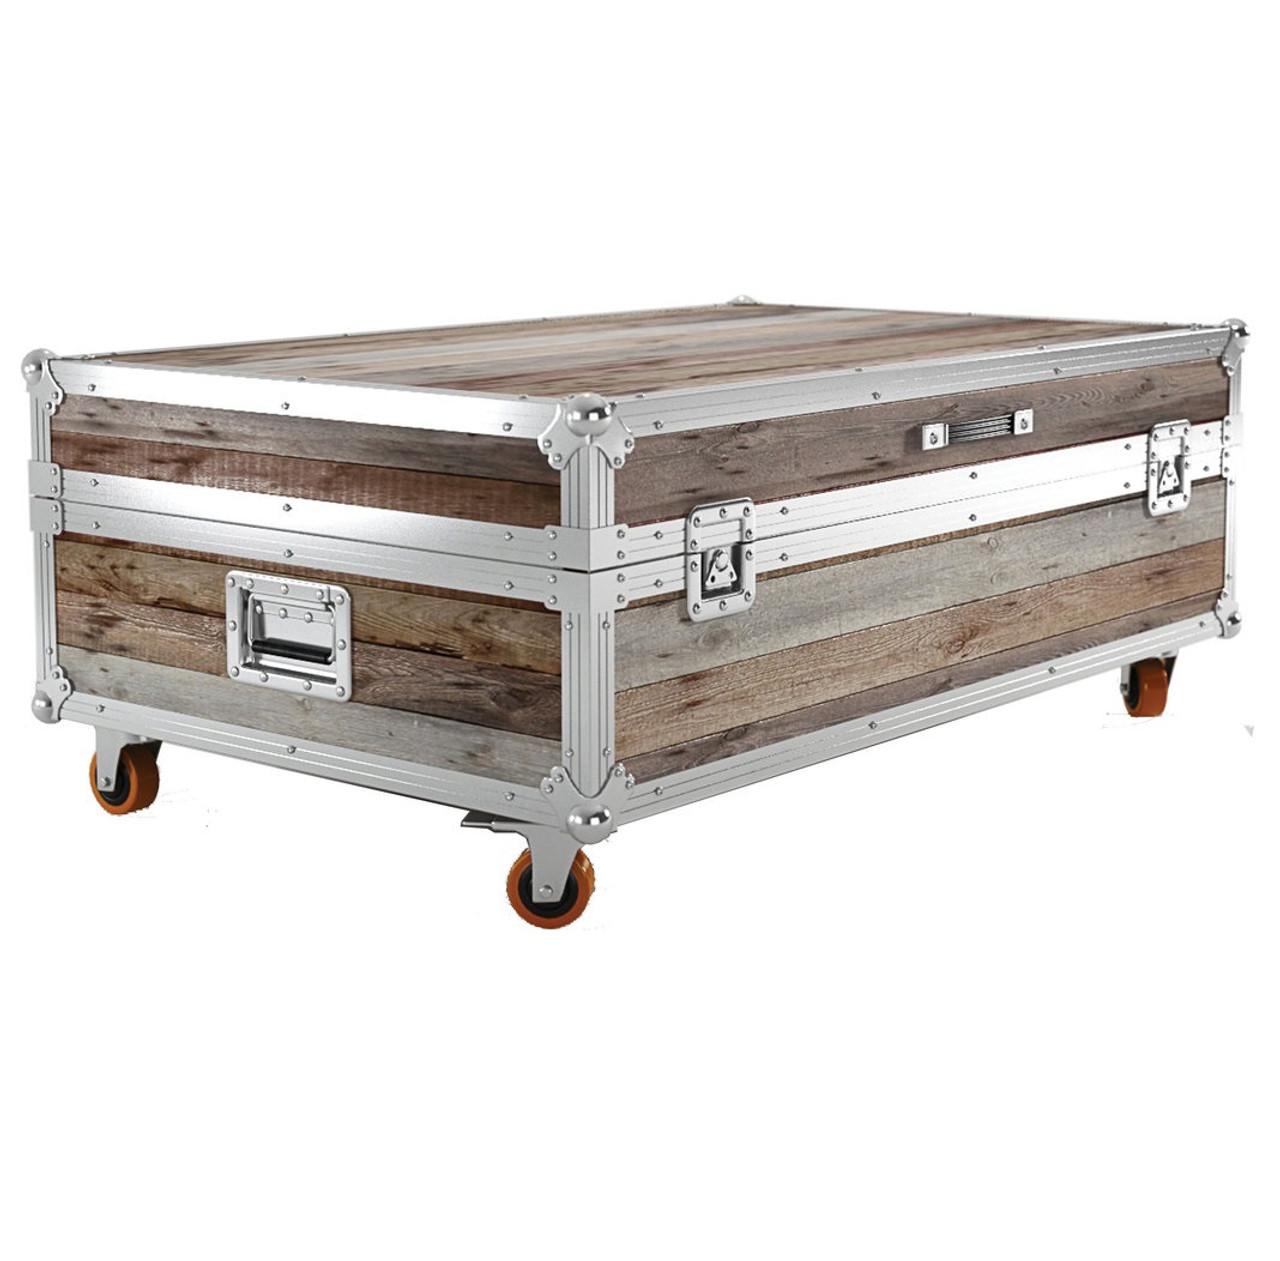 Industrial Reclaimed Teak Wood Large Trunk Coffee Table Zin Home